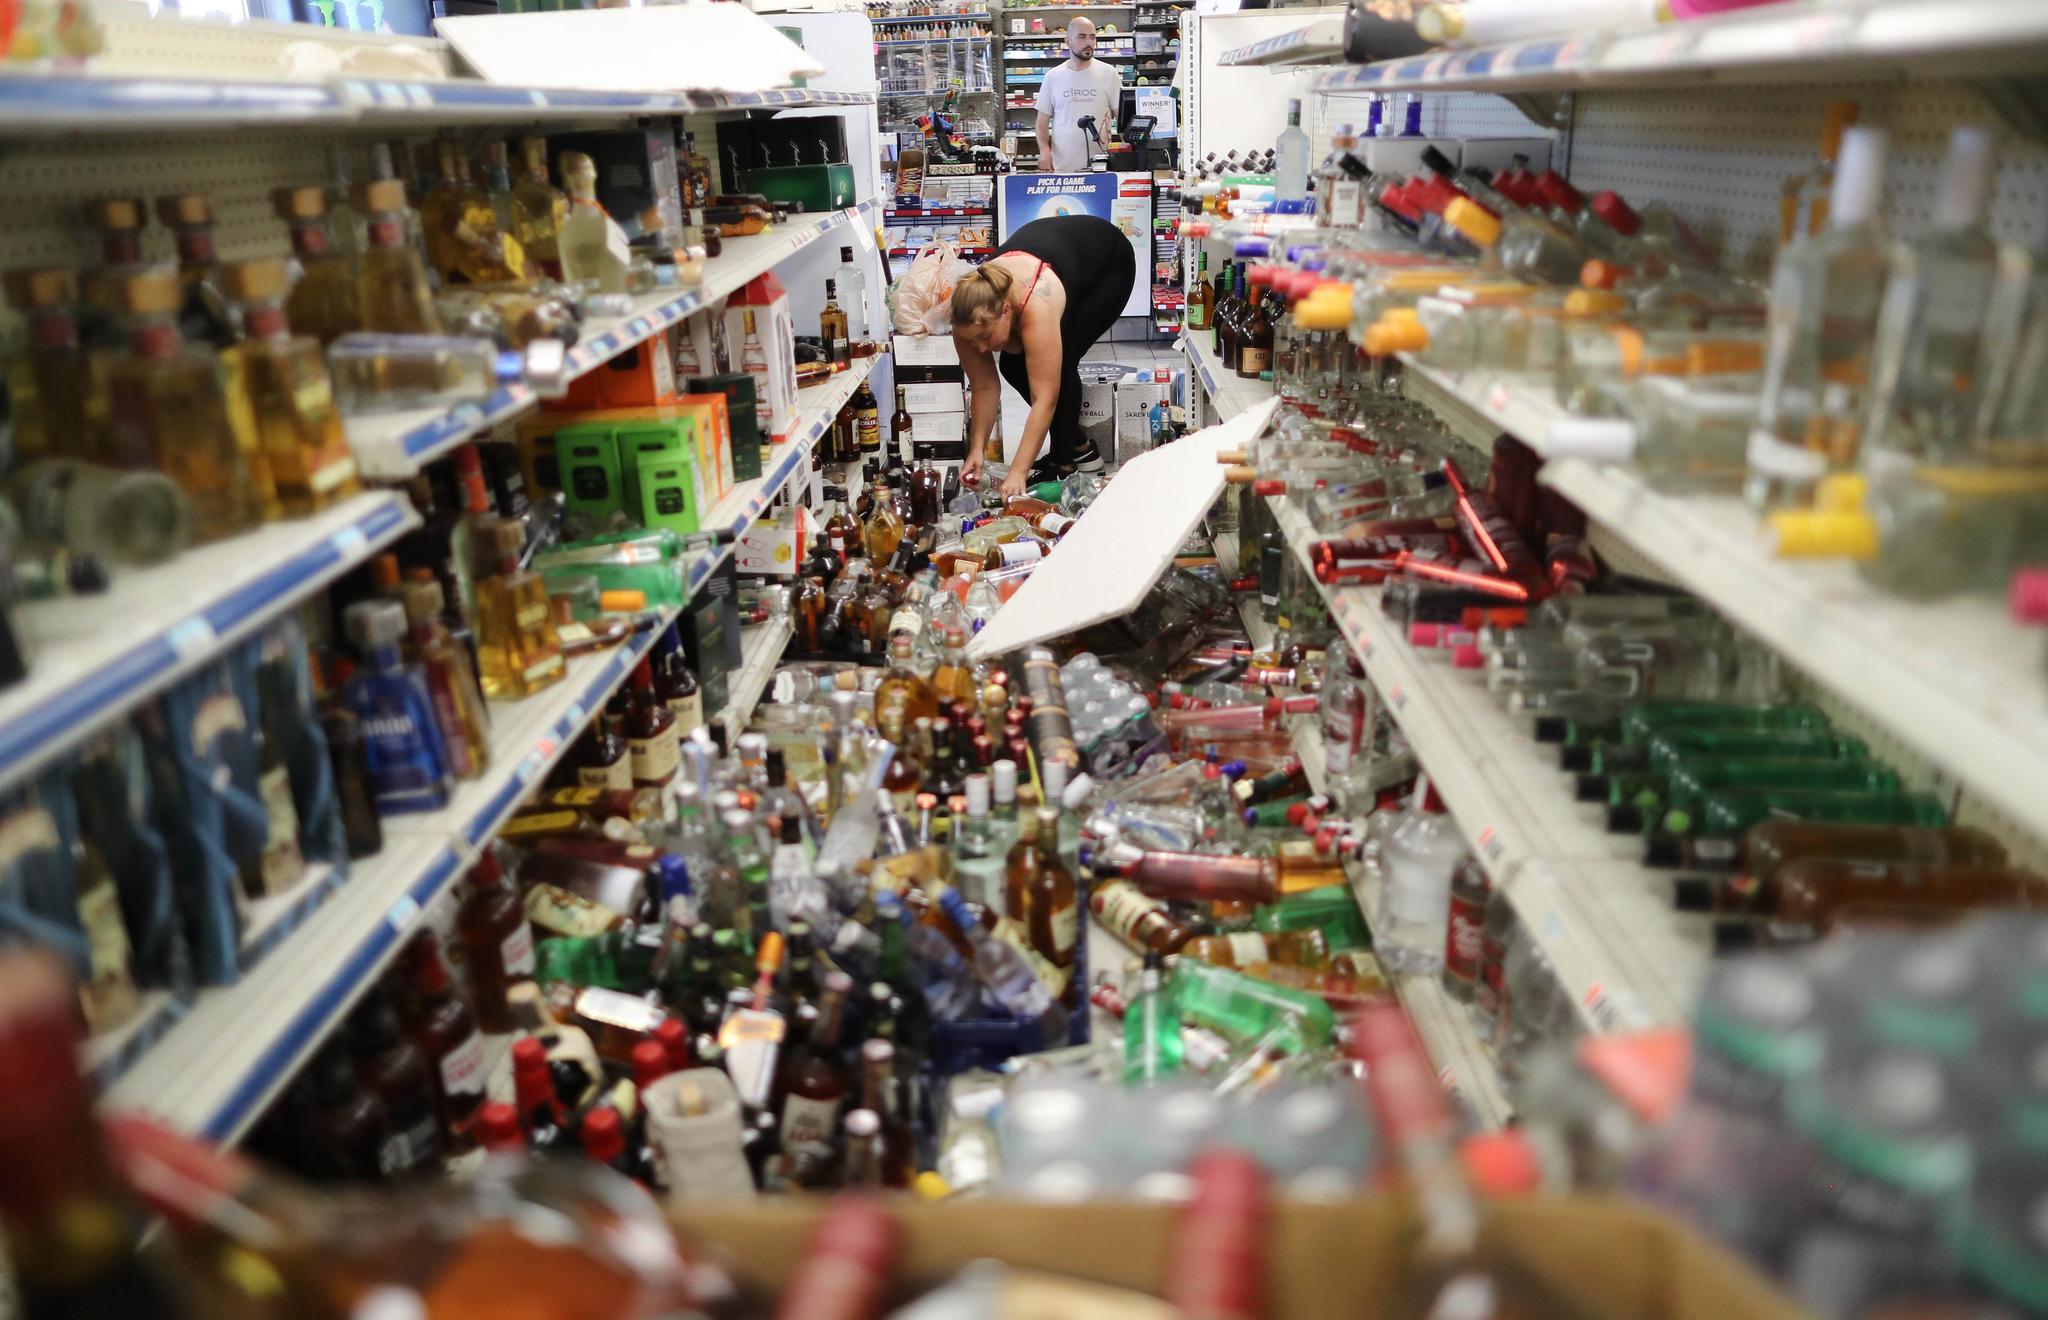 지난 5일(현지시간) 규모 7.1의 강진이 발생한 미국 캘리포니아 리지크레스트 지역의 한 상점에서 6일 점원이 엉망이 된 진열 물품을 정리하고 있다. [AFP=연합뉴스]